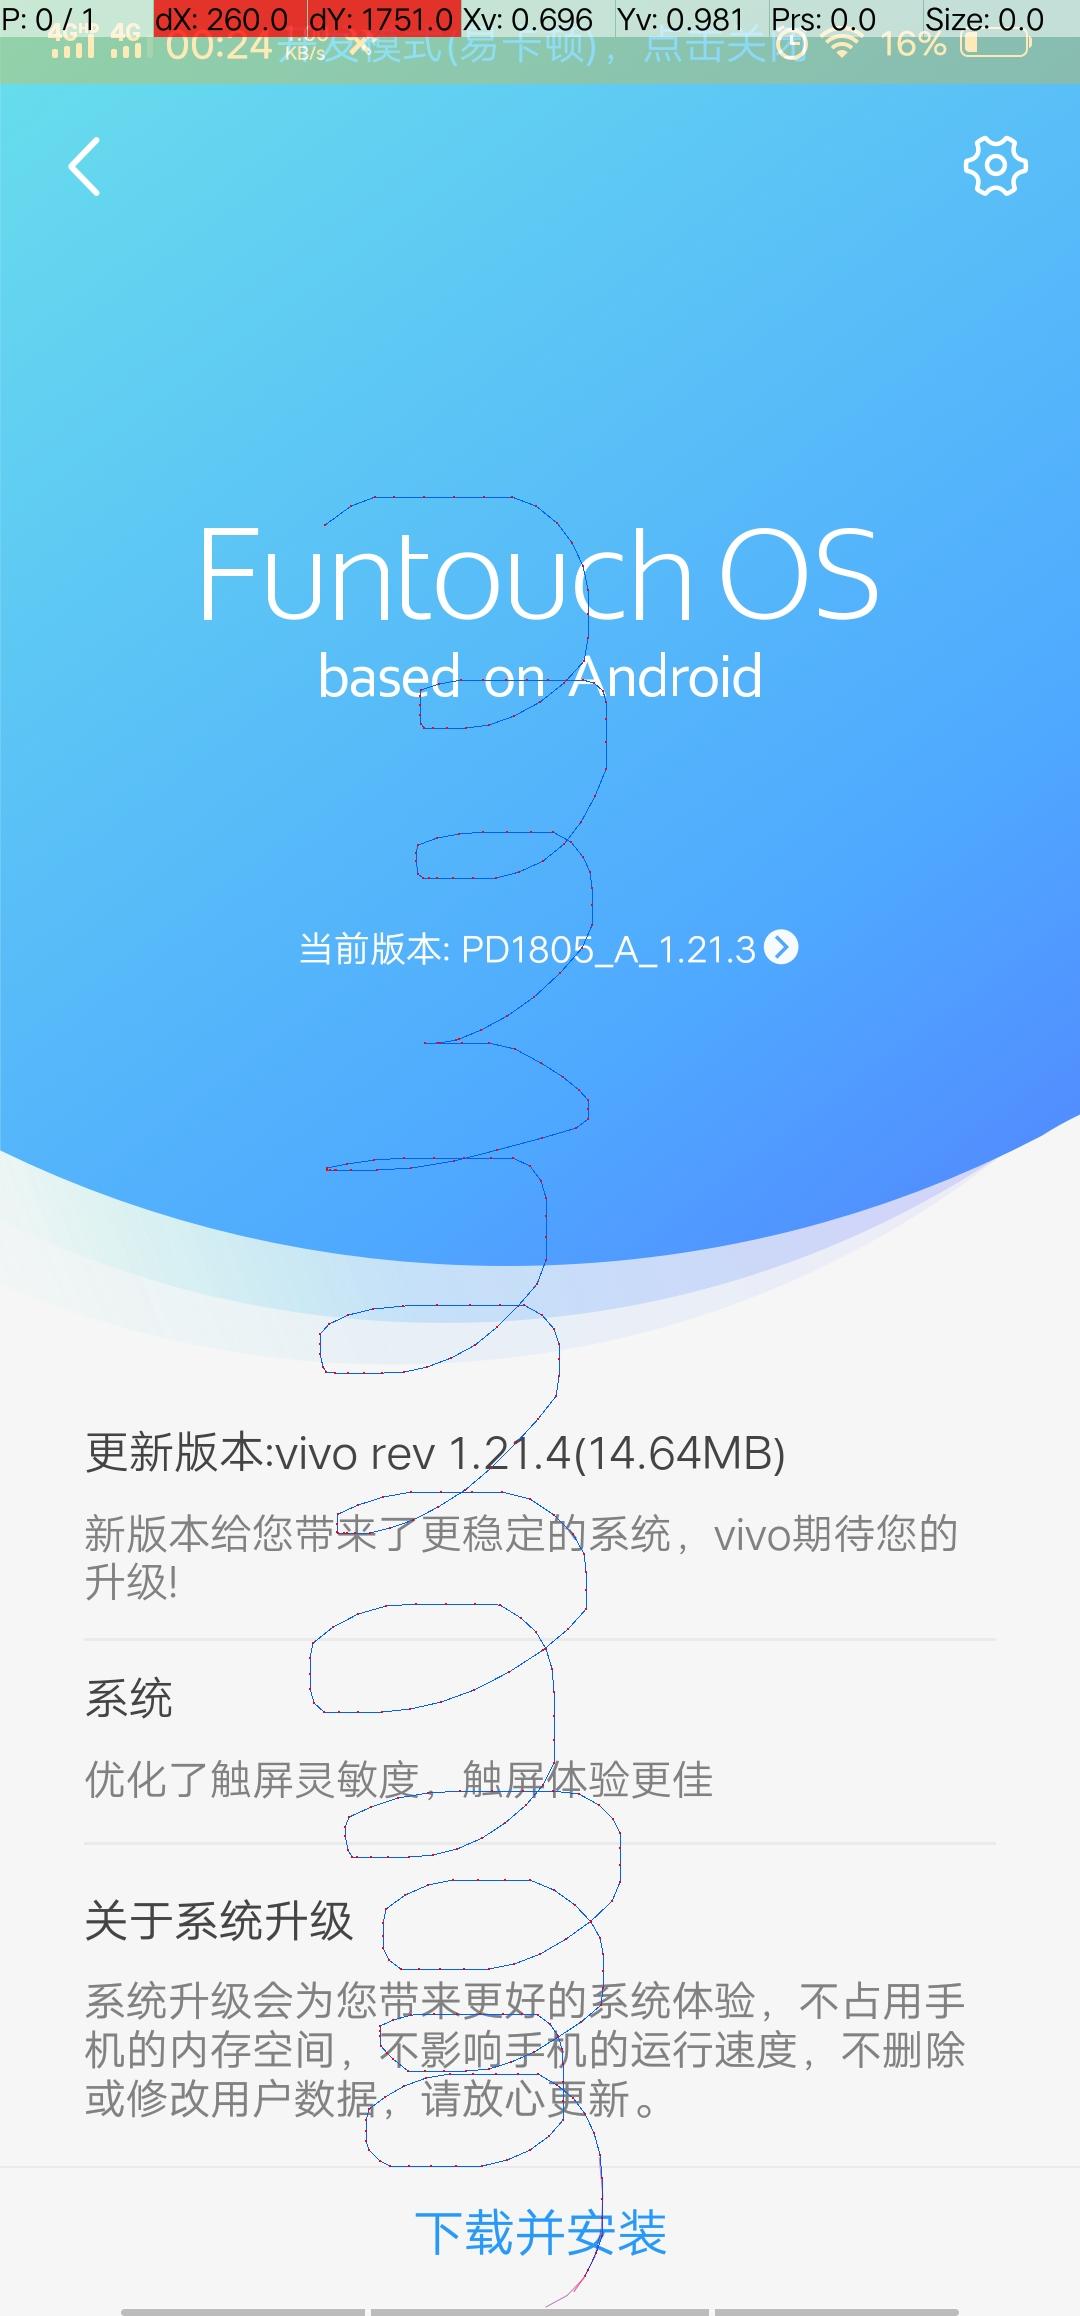 Screenshot_20181110_002428.jpg